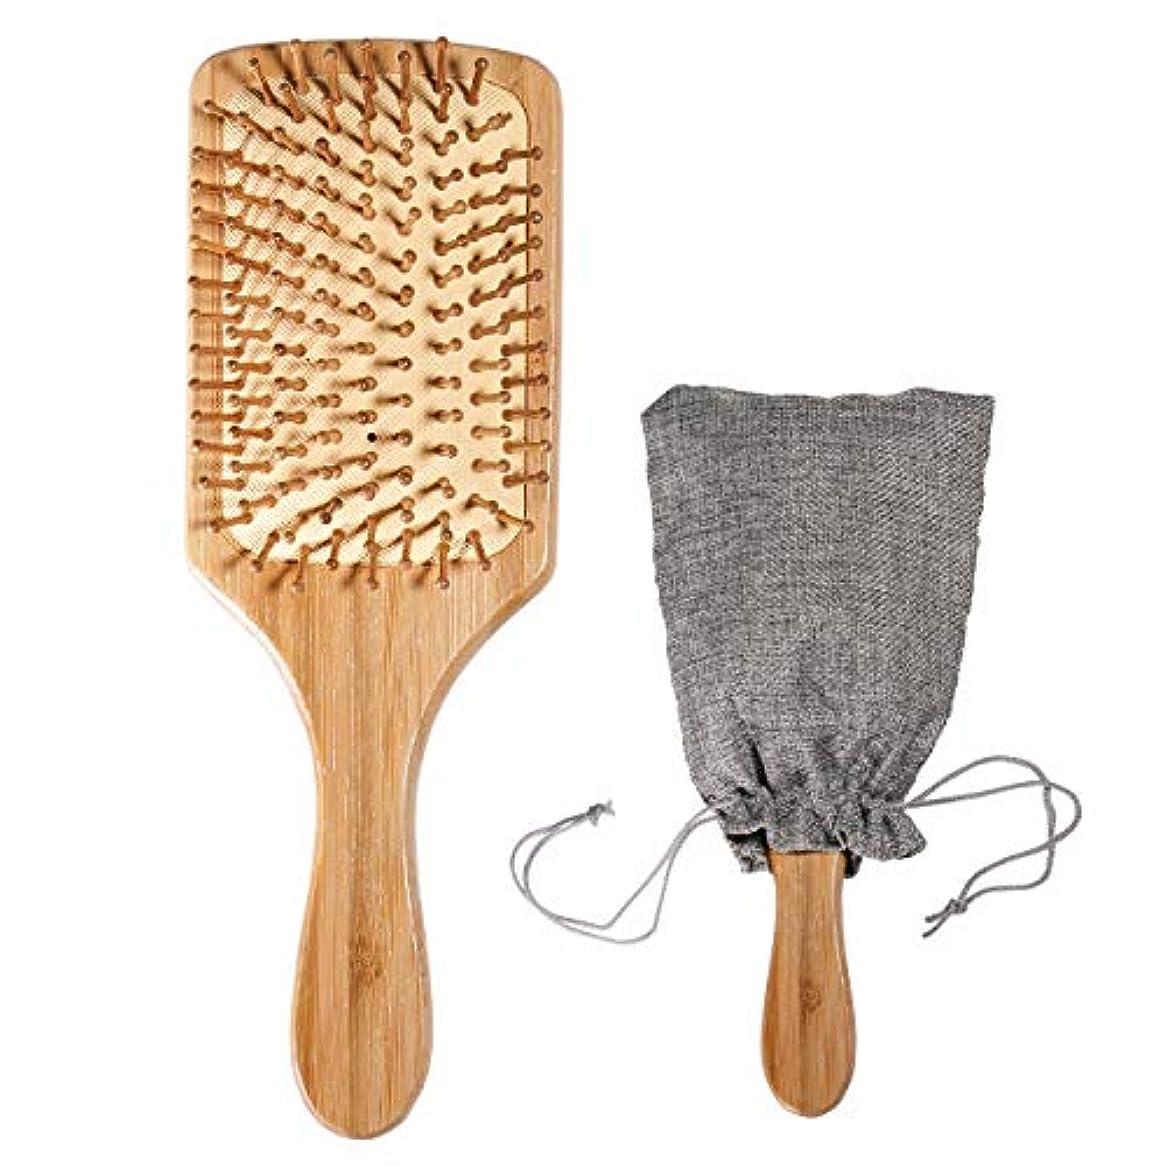 エキゾチックどこにもカップ木製 竹ヘアブラシ(頭皮マッサージ 美髪ケア)ブラシクリーナー&巾着 付き